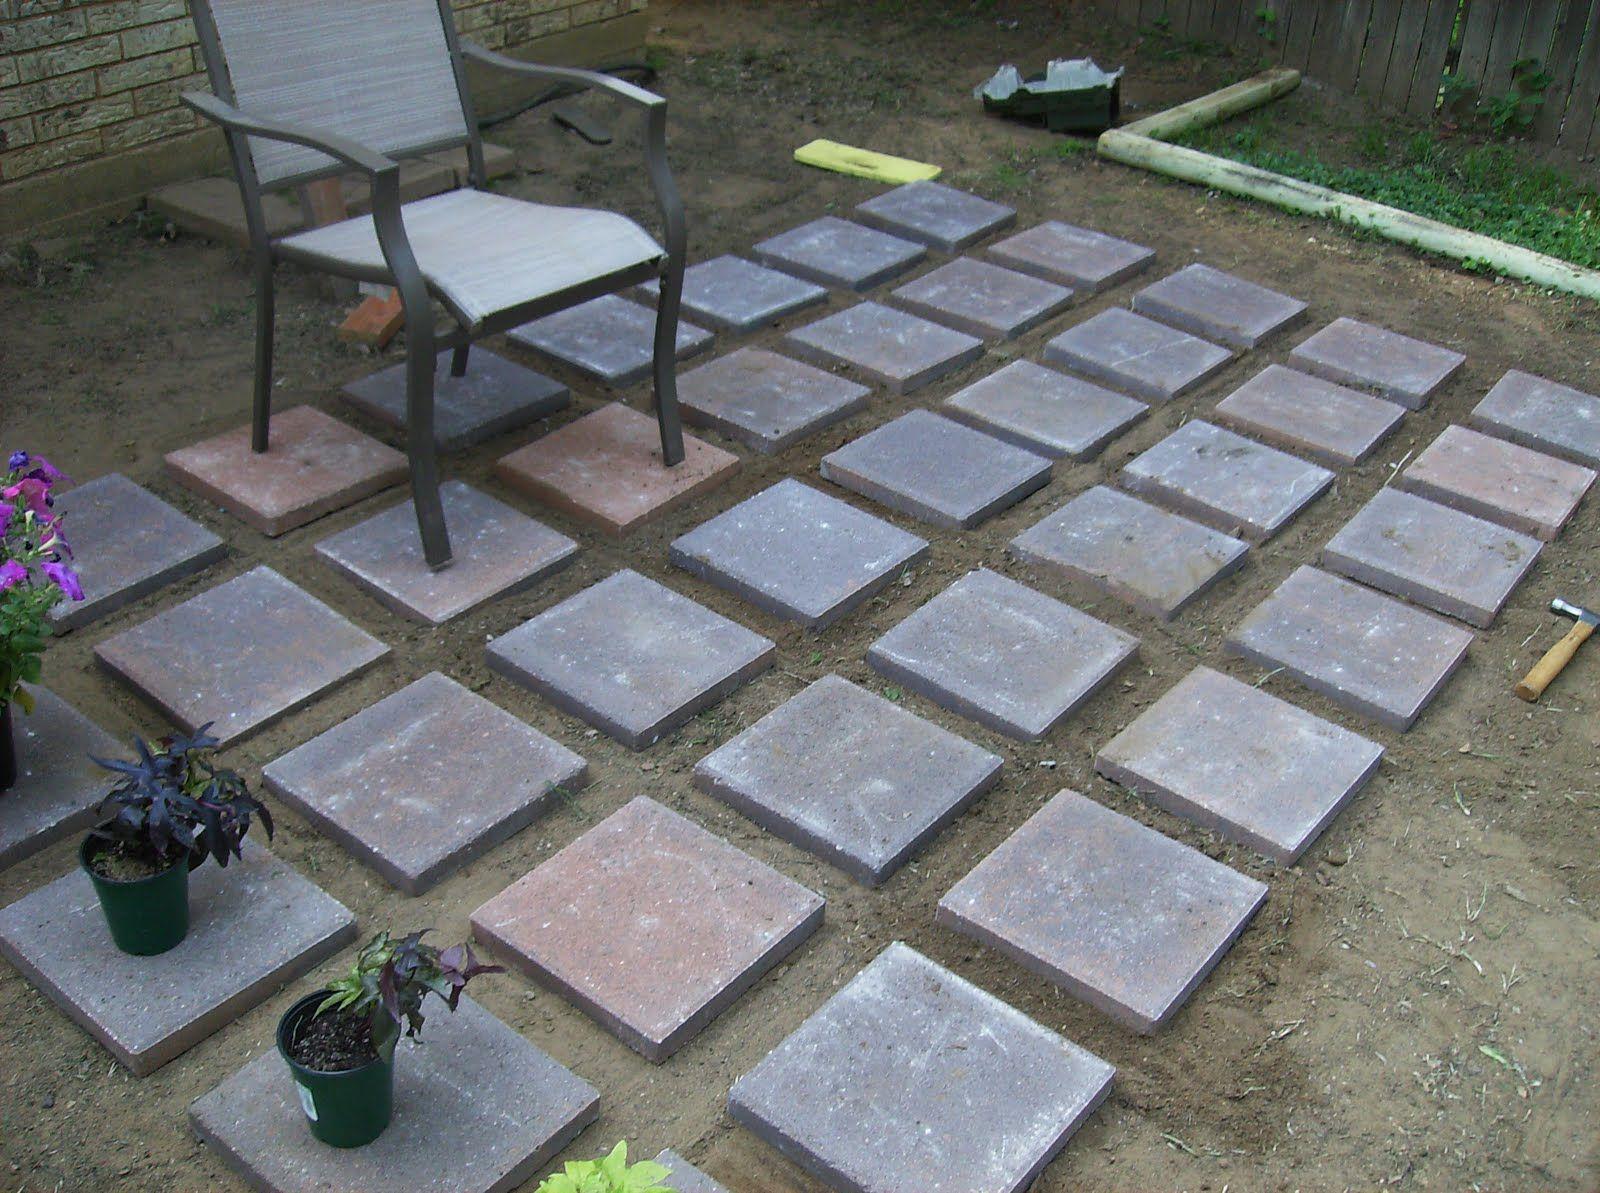 Cheap Paver Patio Ideas  calladocus  Casa  Concrete patio Patio Concrete pavers